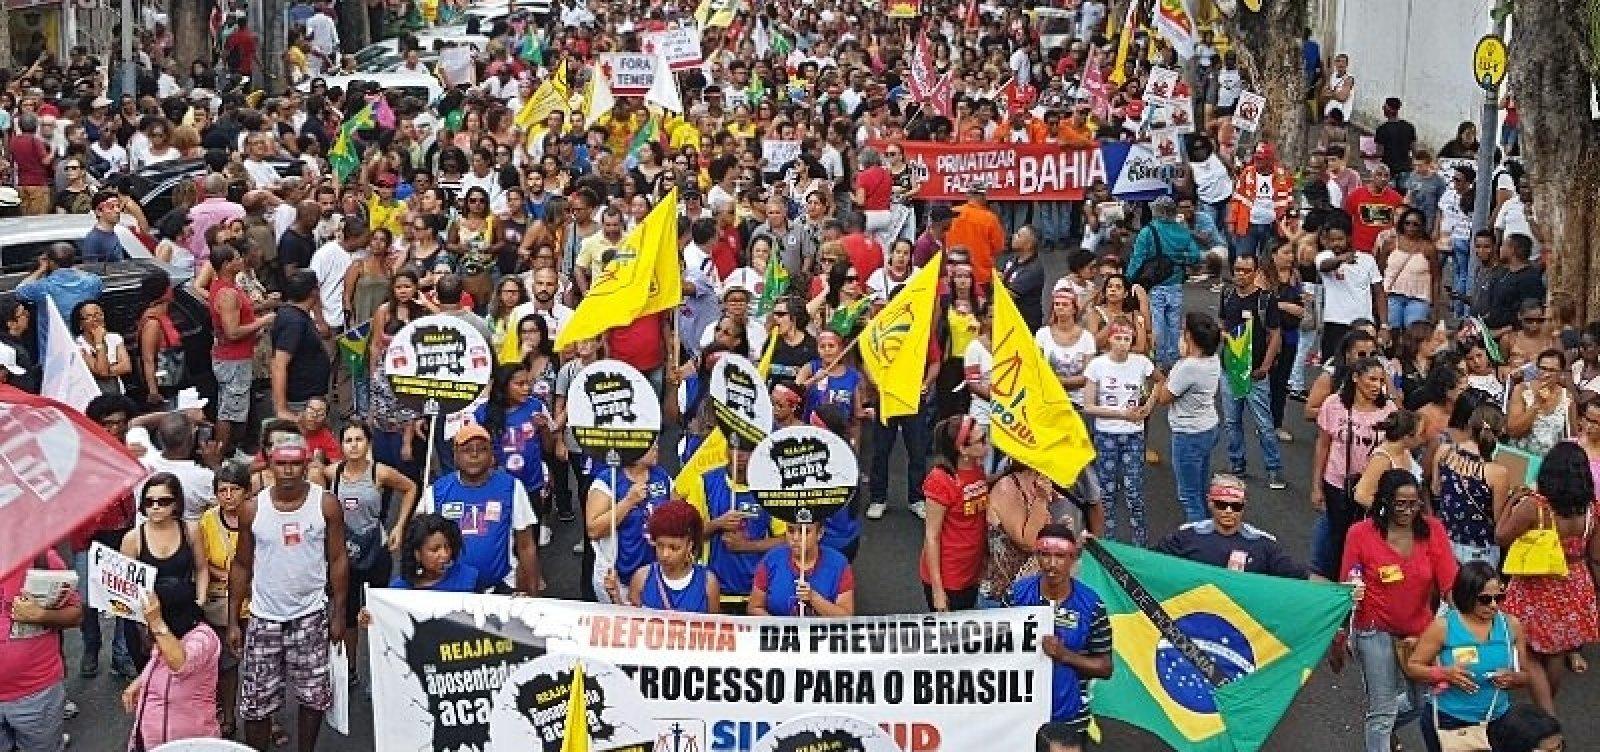 Veja as categorias que aderem à greve geral na Bahia